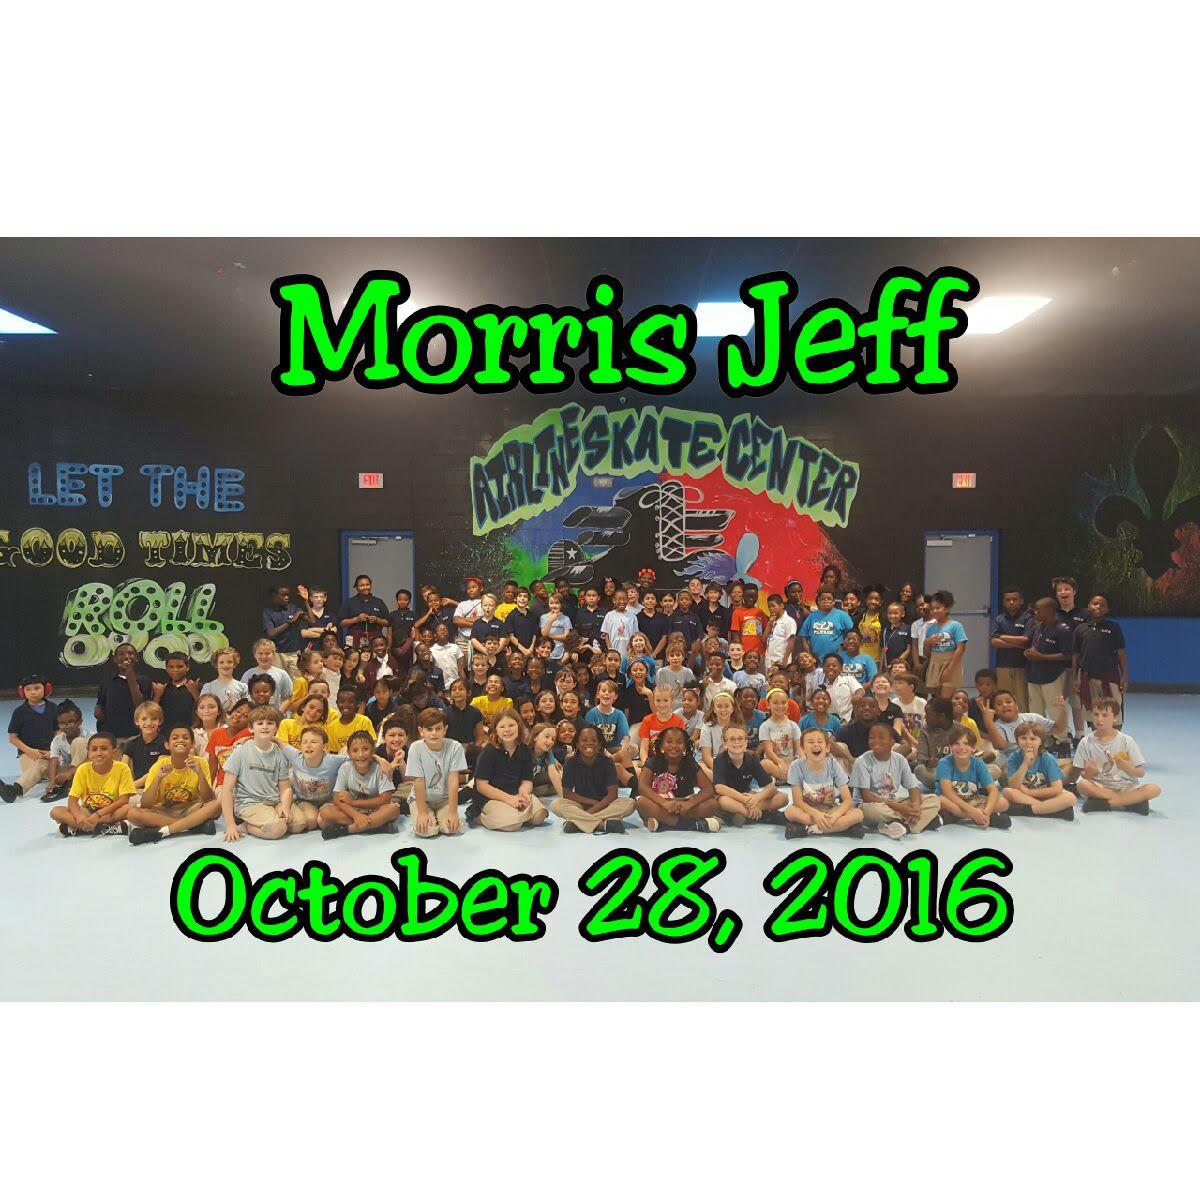 Morris Jeff_Oct 28